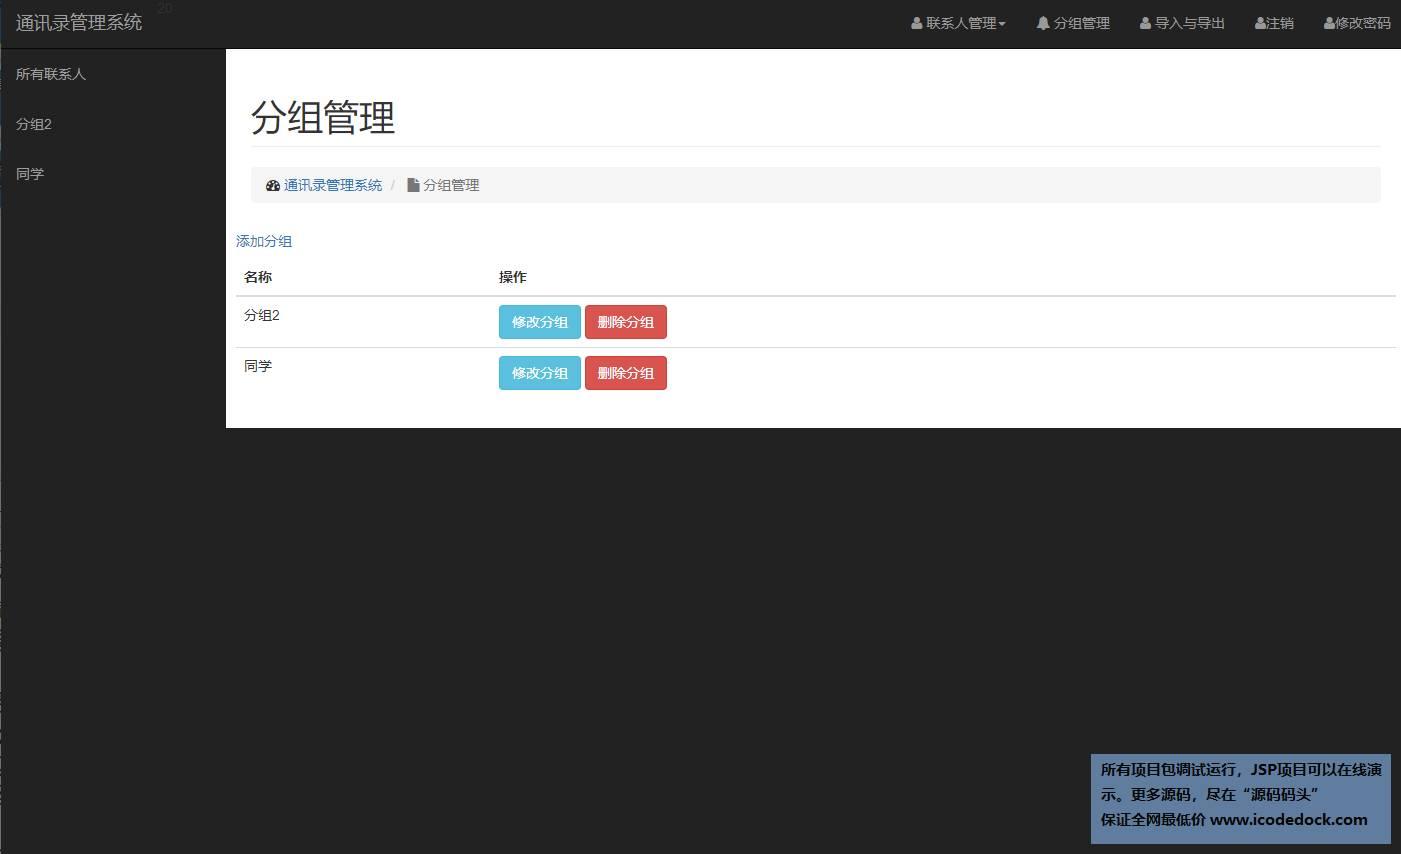 源码码头-SSH通讯录网站管理系统-用户角色-分组管理